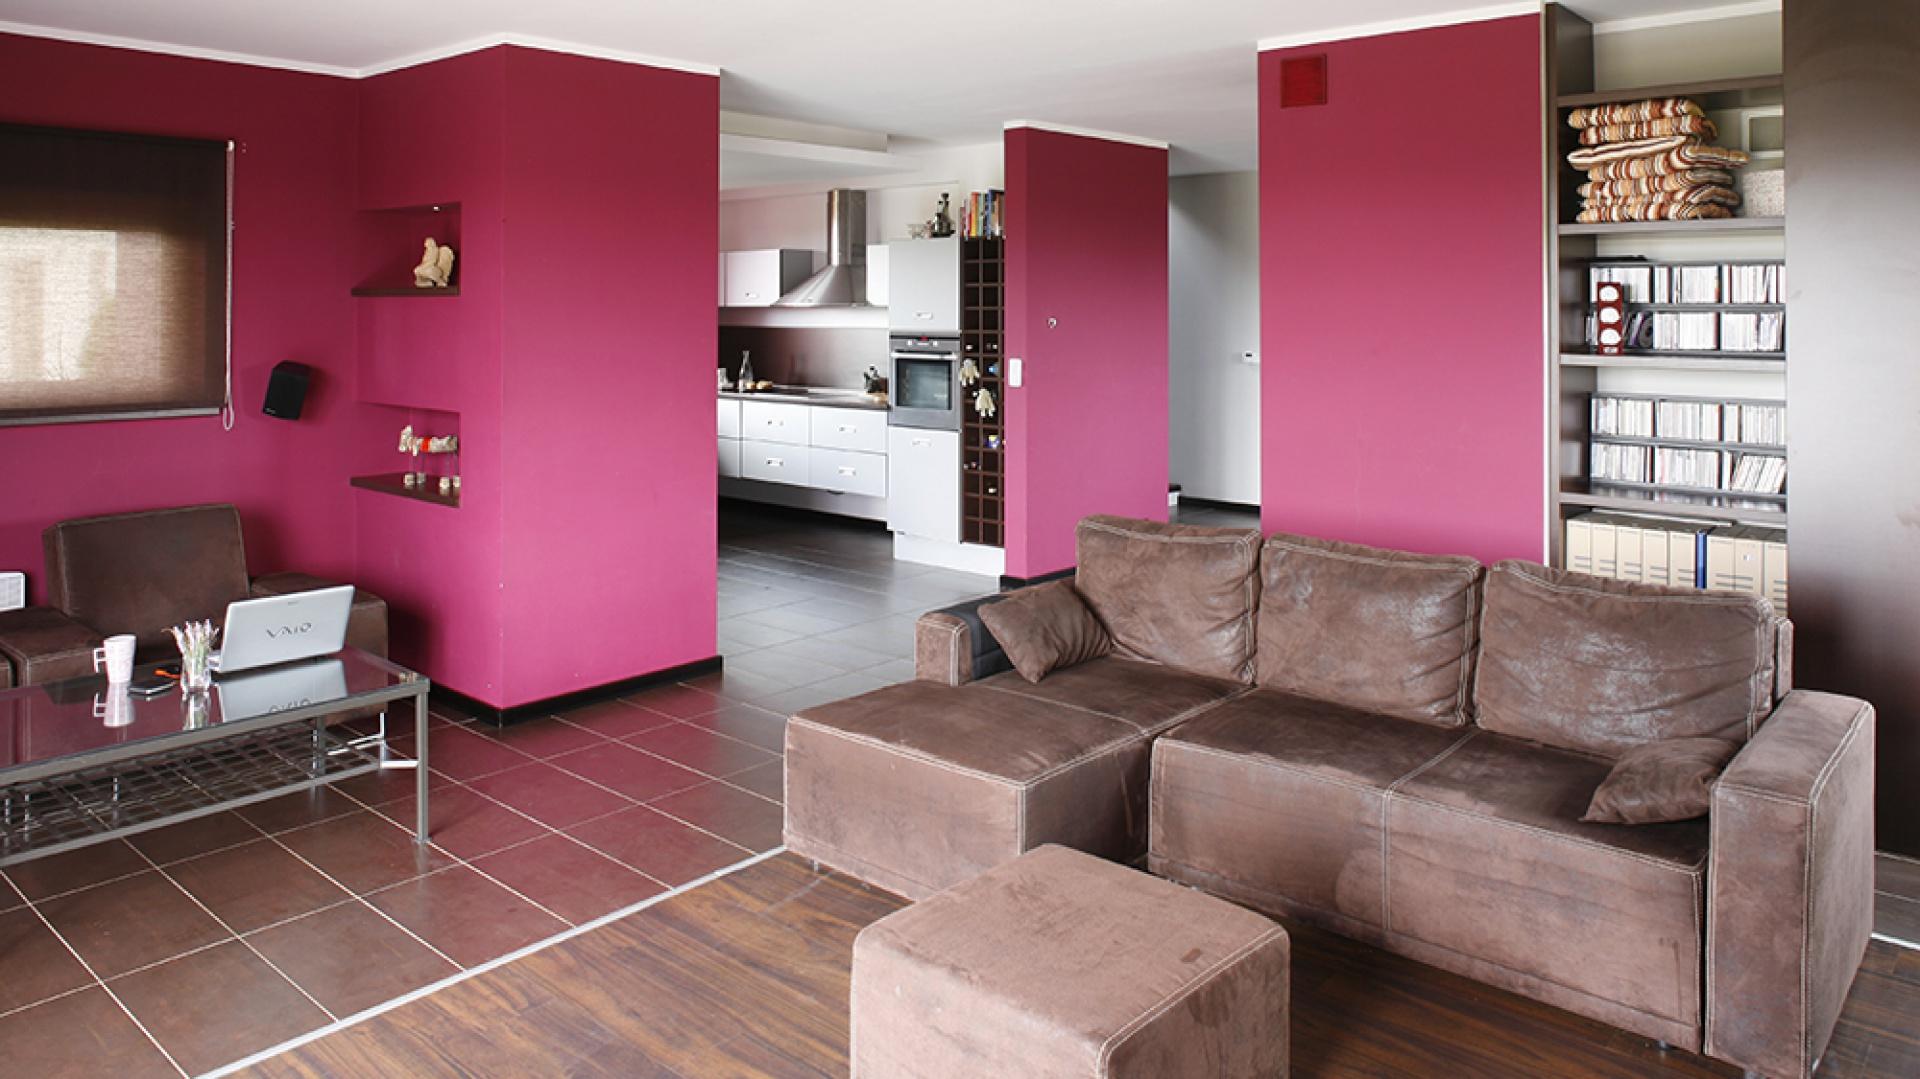 Głównym elementem wyposażenia jest ciemnobrązowy komplet kanap (Presmebel), rozmieszczonych w strategicznych miejscach.  Zamiast typowych szafek i regałów, wprowadzono schowki i półki, wbudowane w pomalowane na purpurowo ściany. Fot. Bartosz Jarosz.